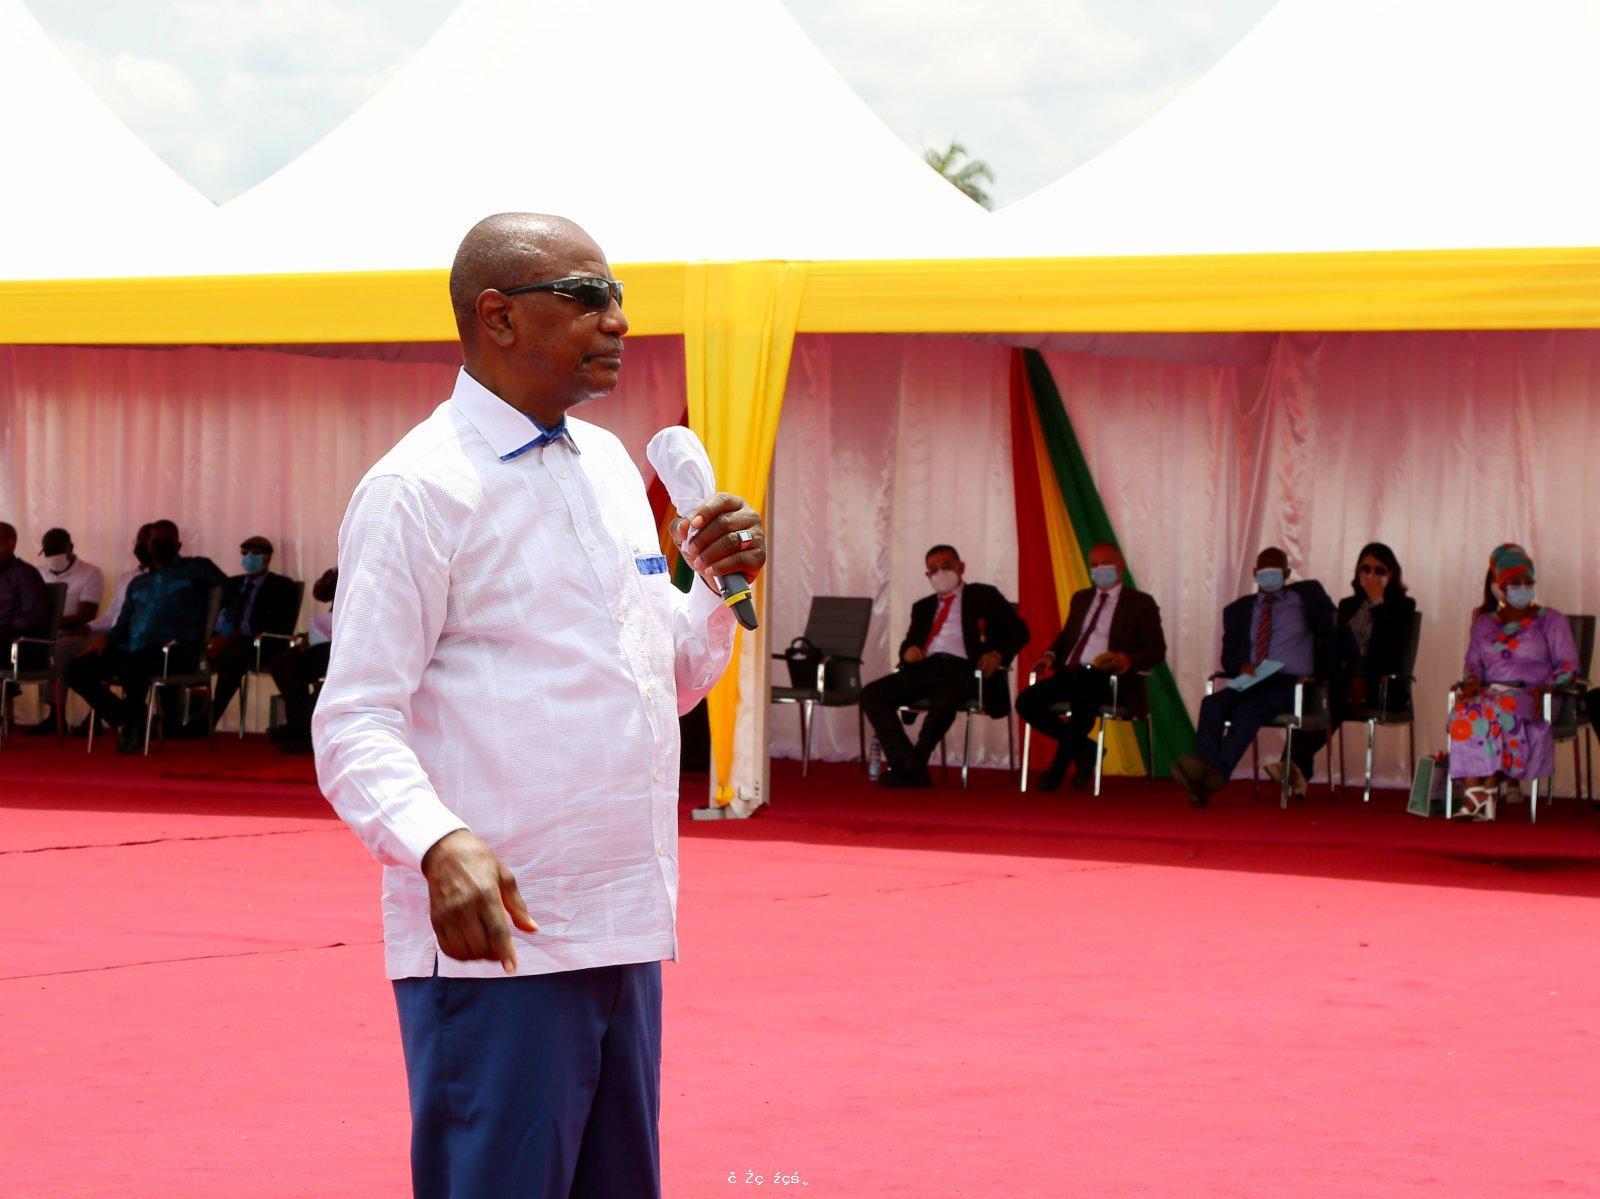 幾內亞軍事政變叛軍稱扣押總統 中使館緊急提醒